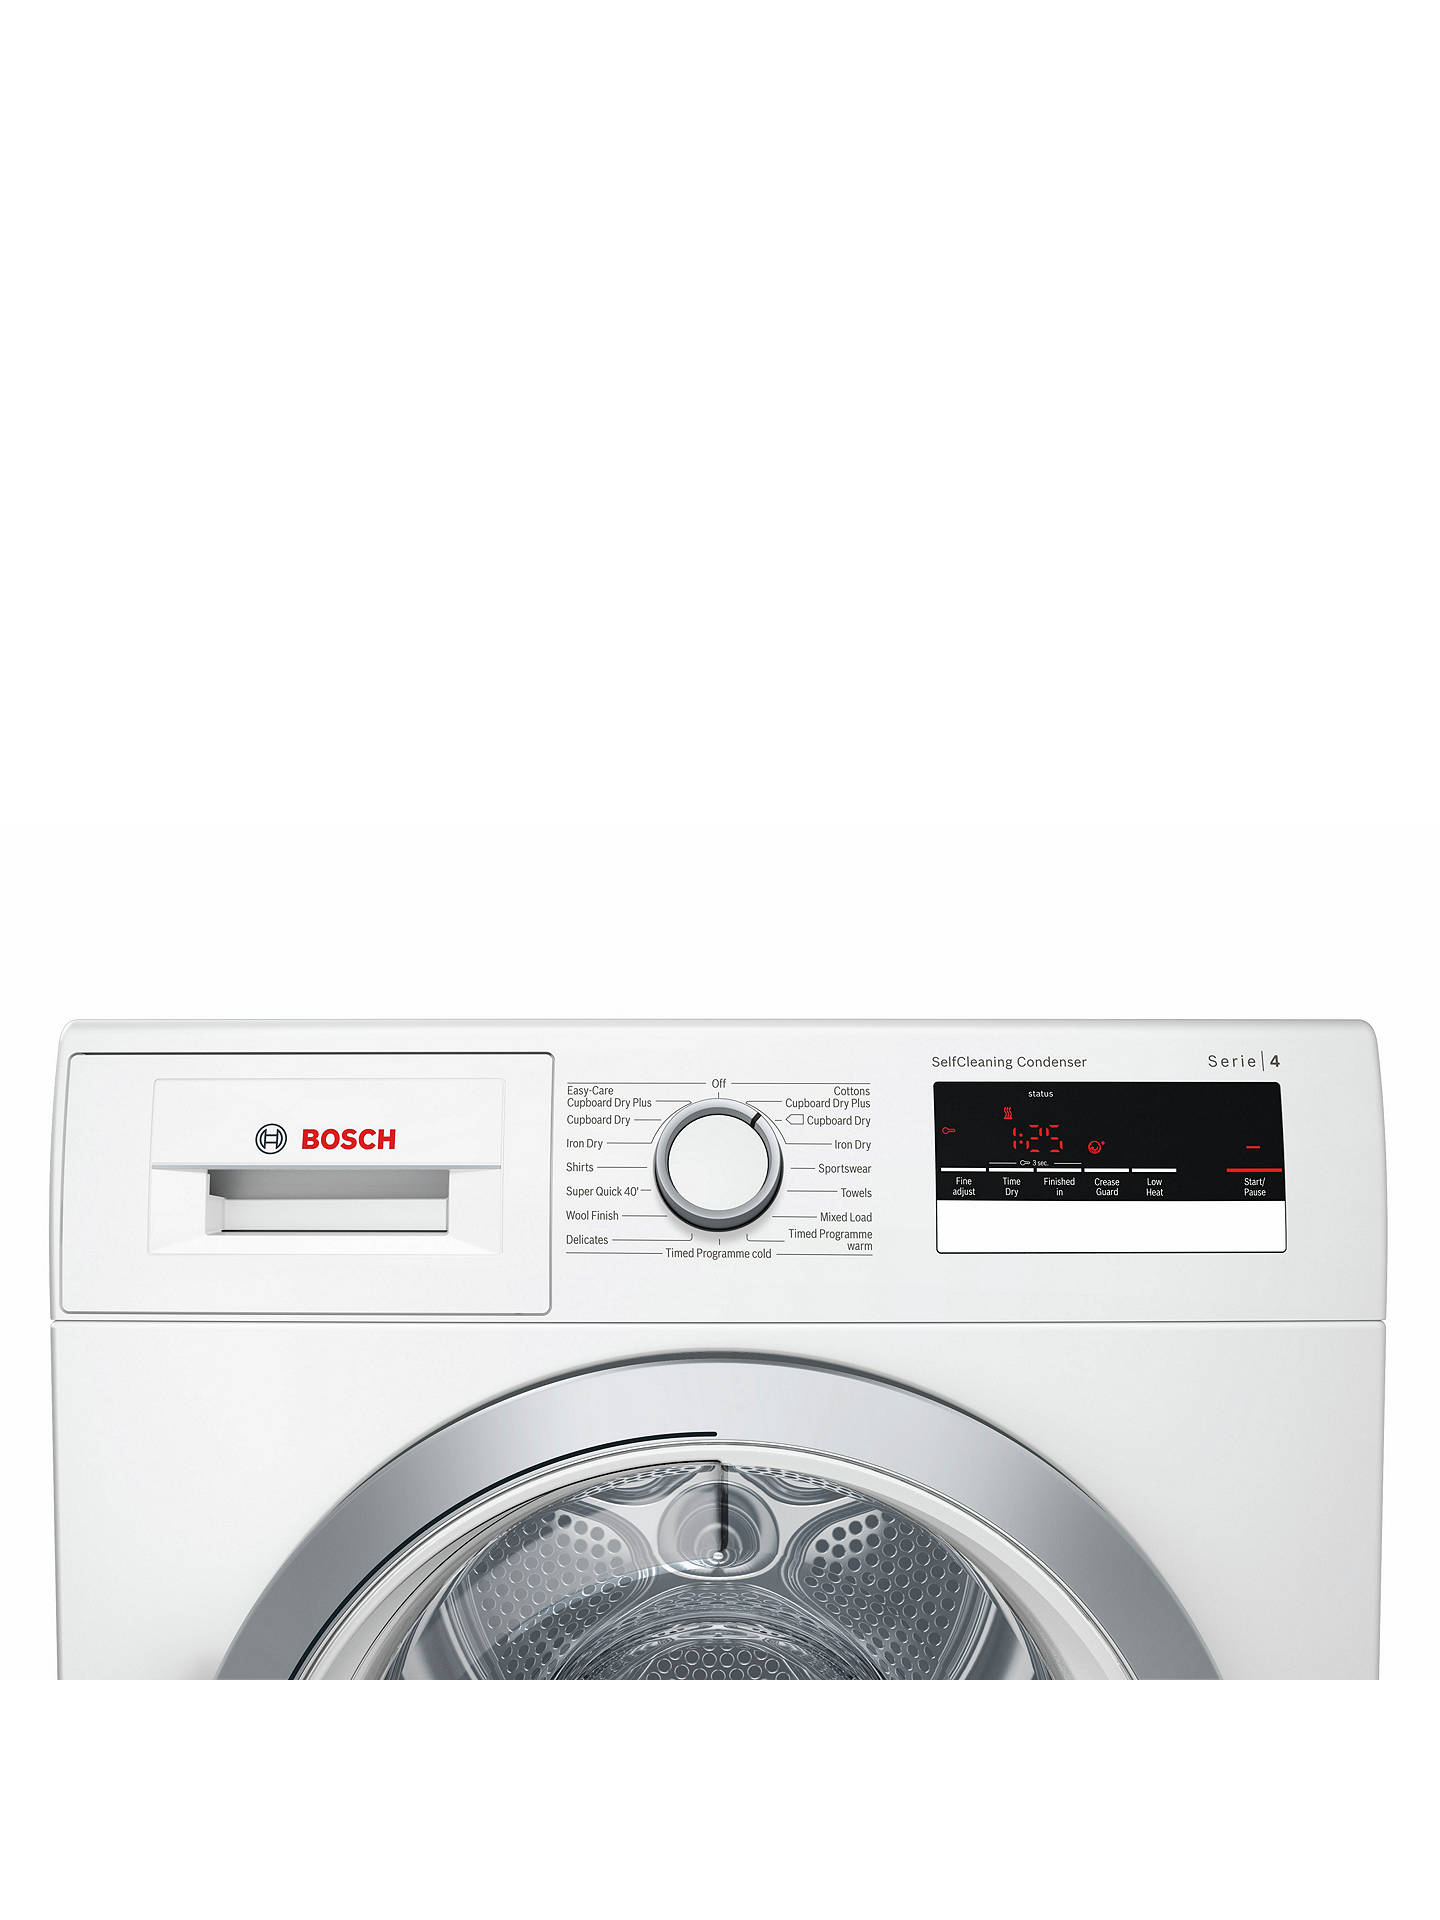 Bosch WTM85230GB Condenser Tumble Dryer with Heat Pump, 8kg